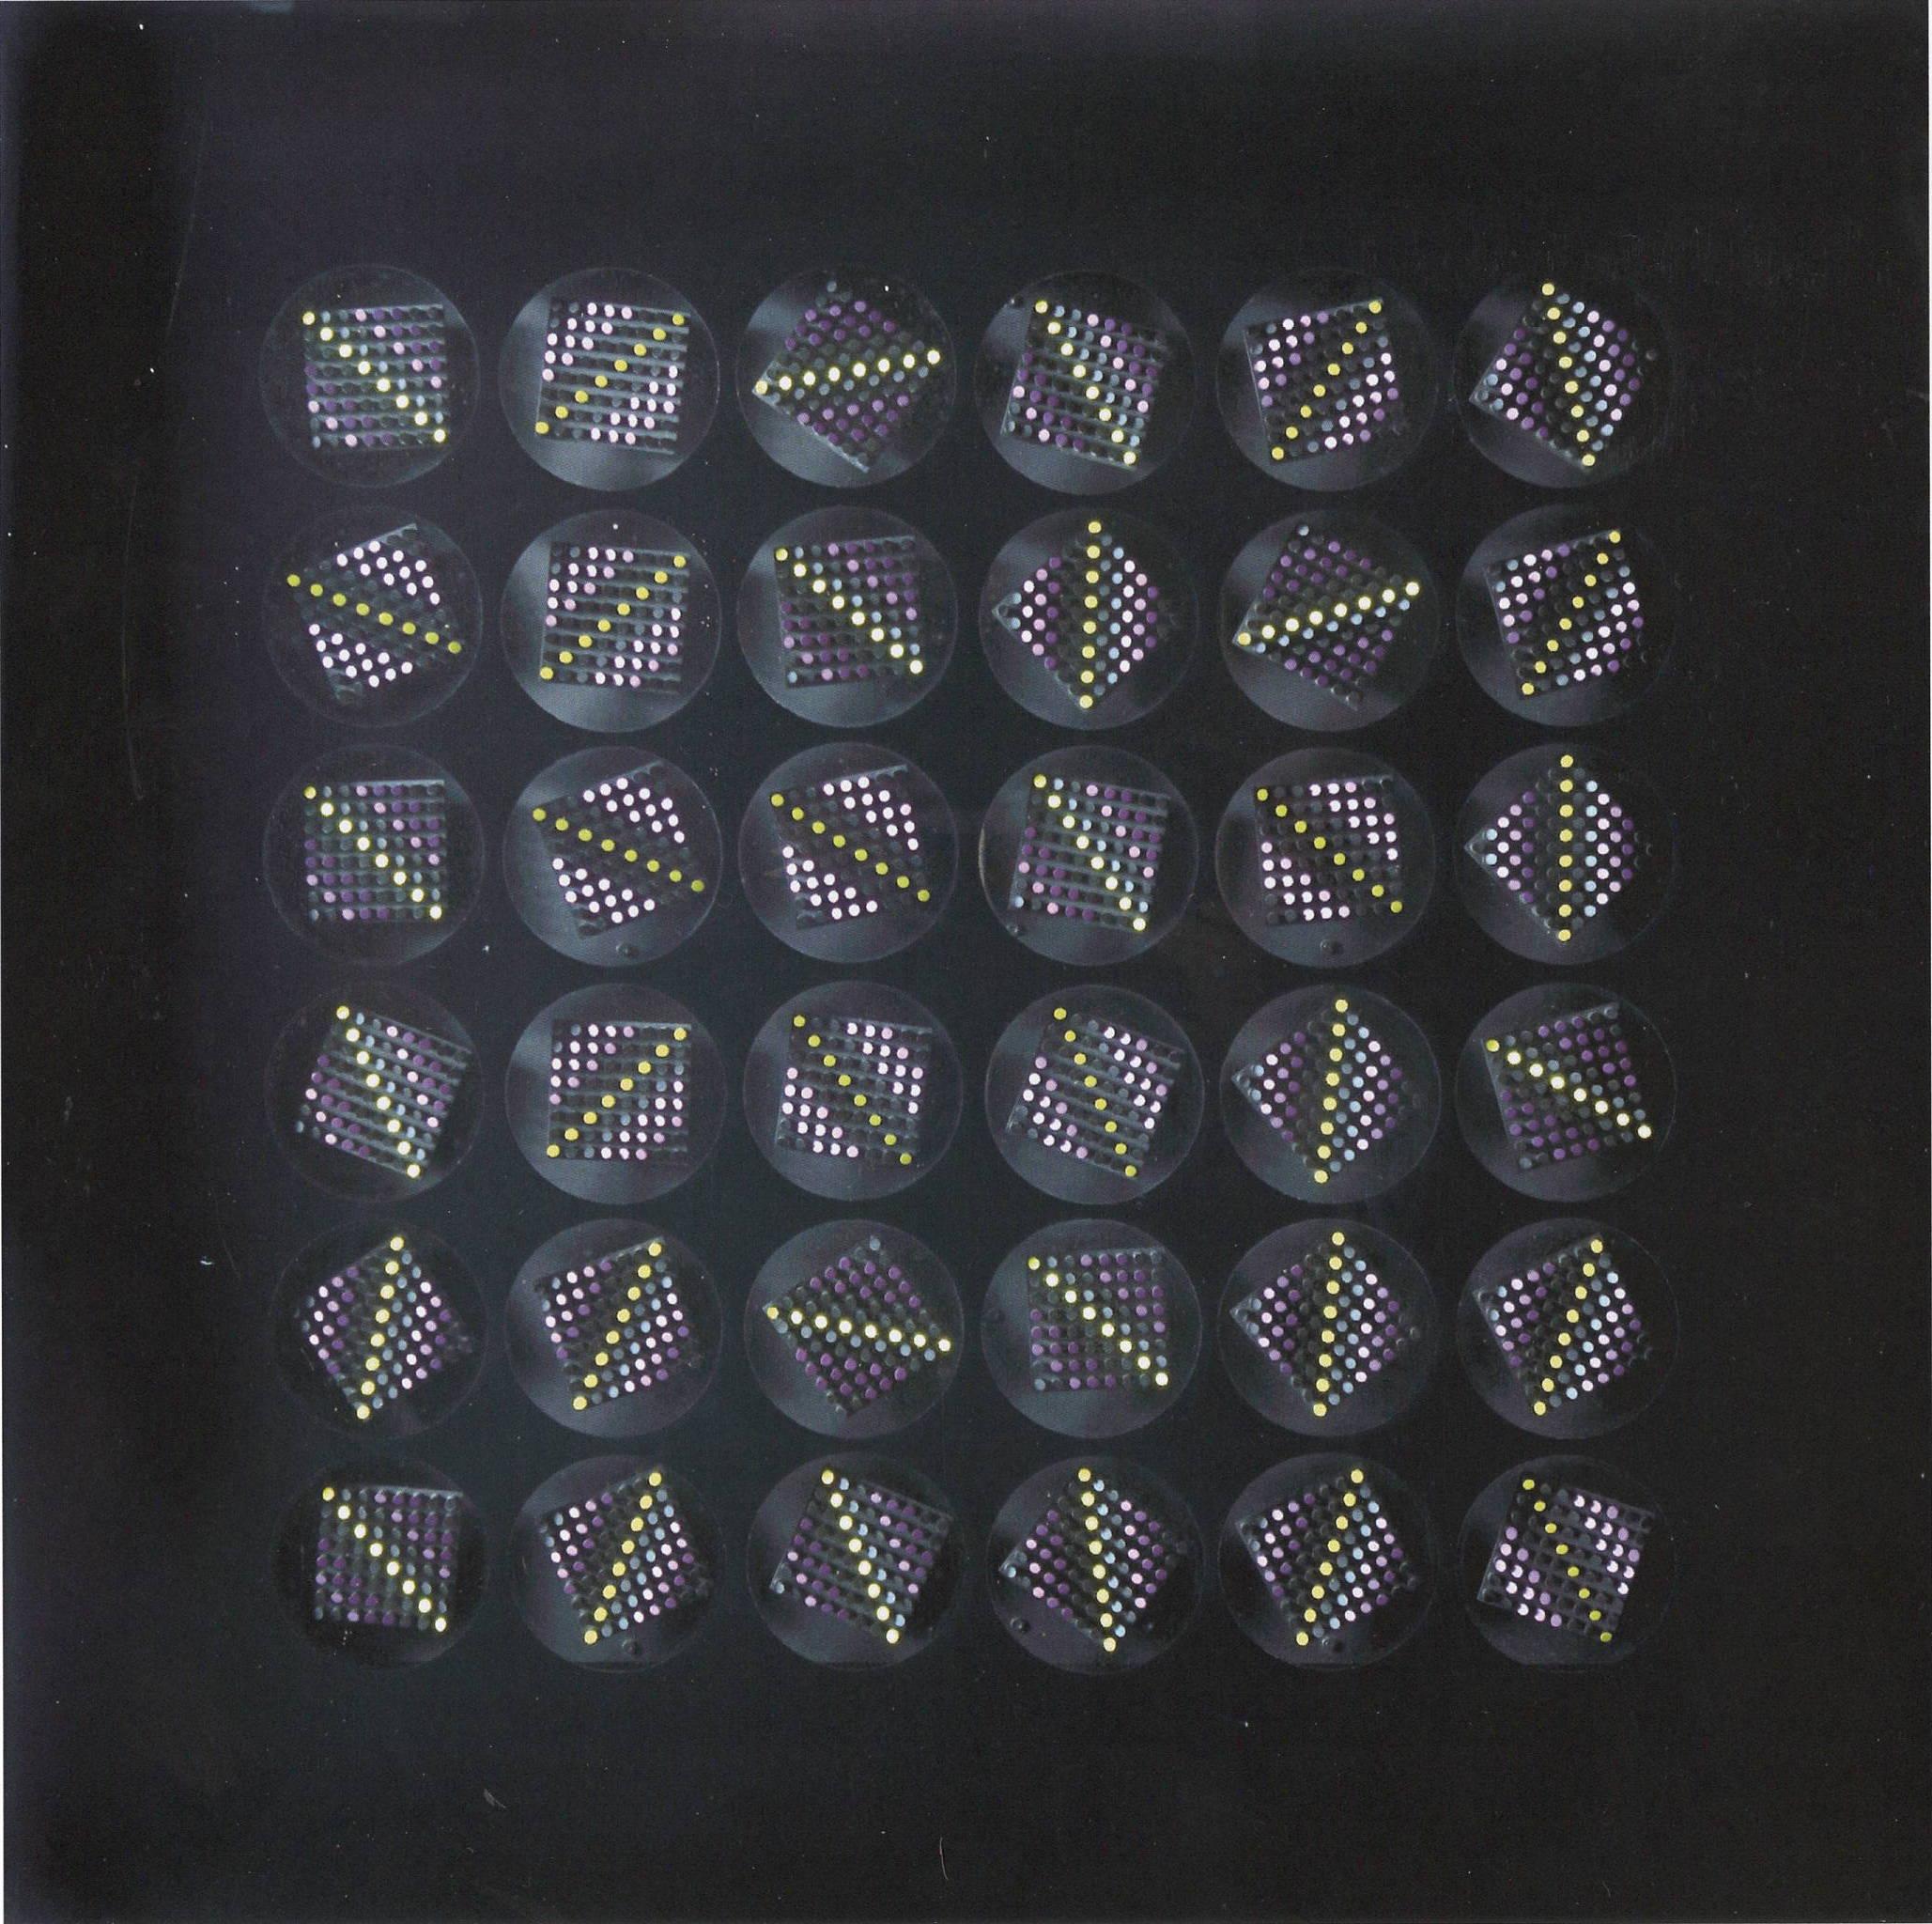 Oggetto quadro ruotante, 1975